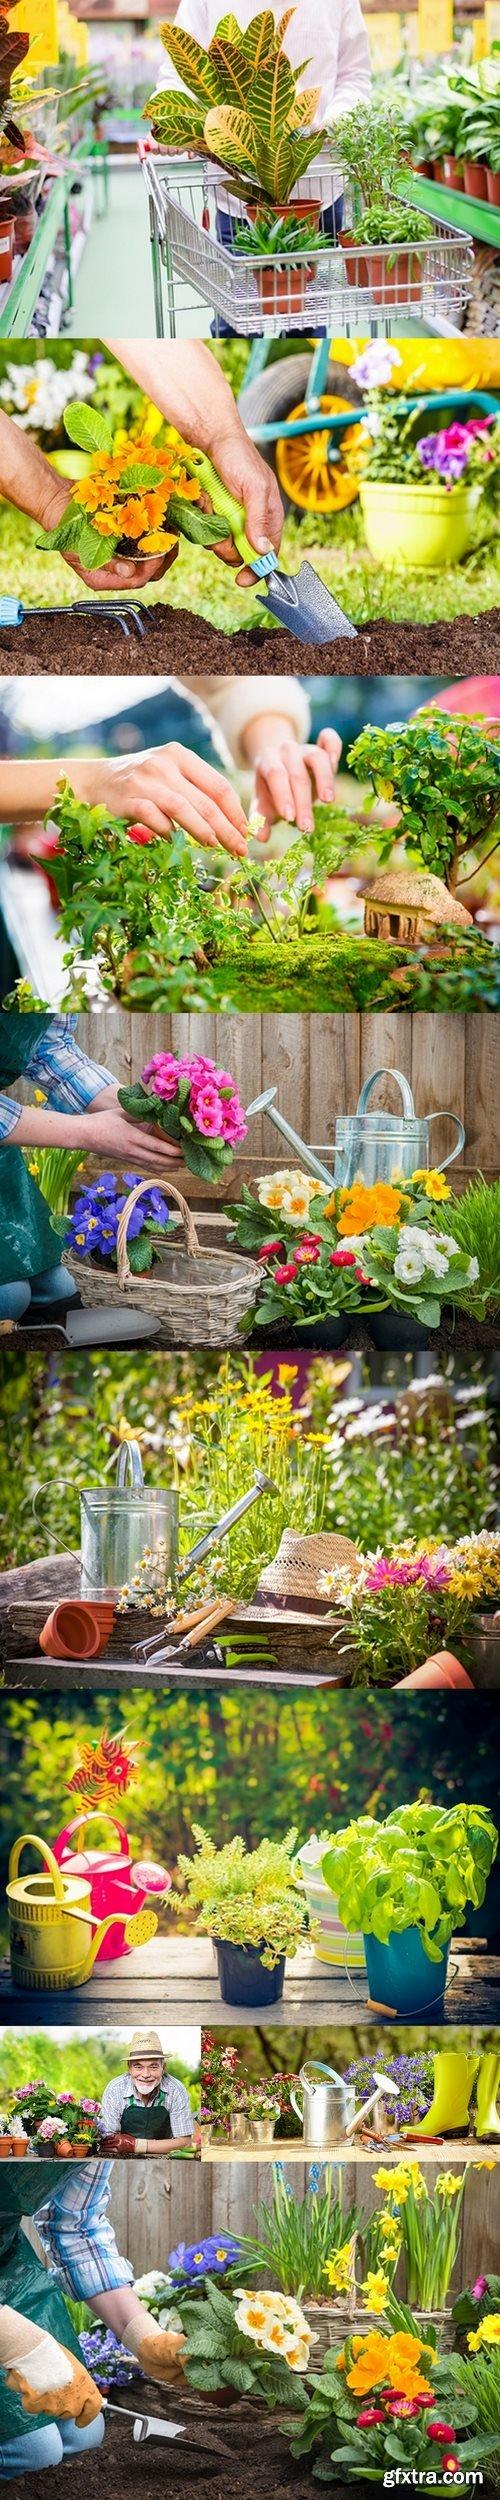 Gardening - Set Of Tools For Gardener And Flowerpots In Sunny Garden 2